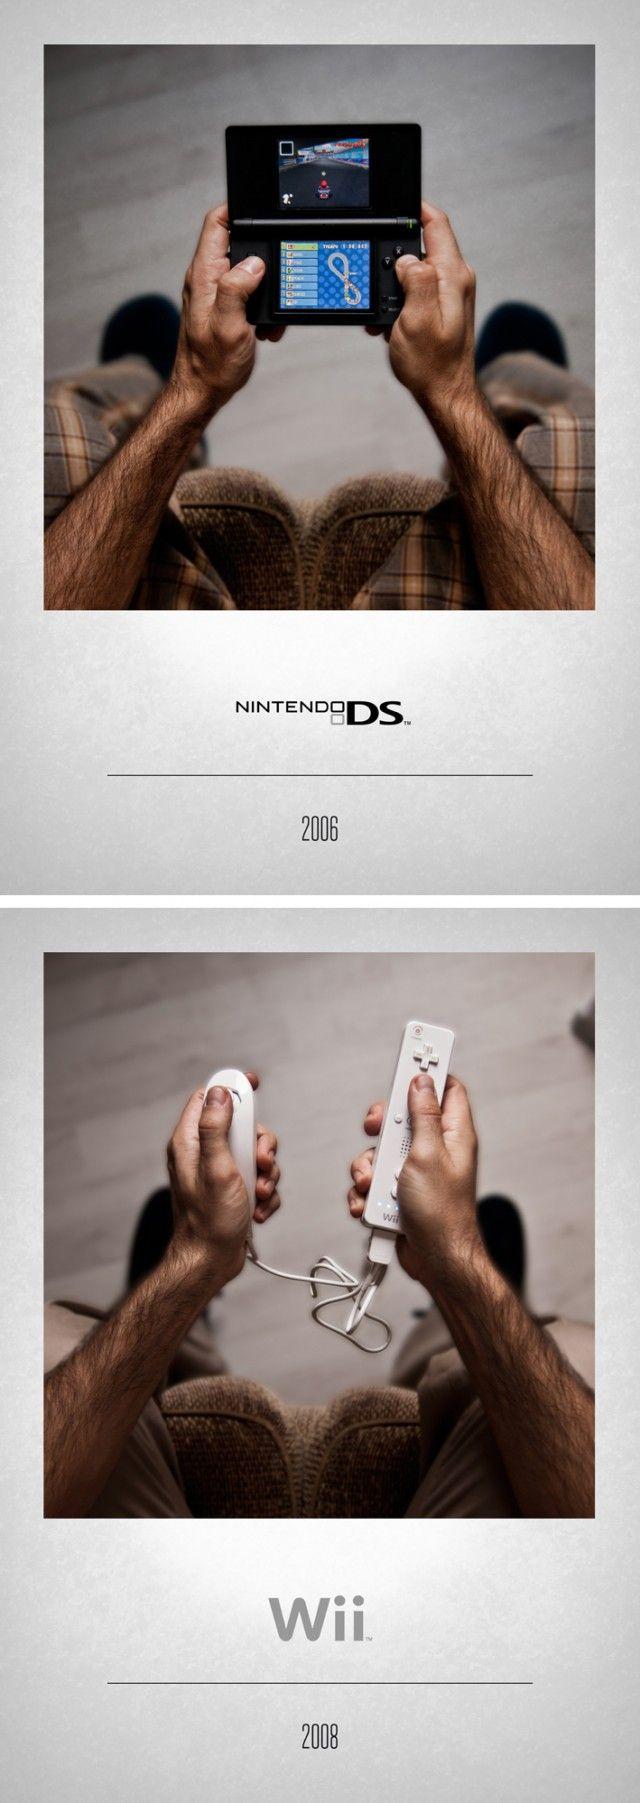 artsite-jeux-video-histoire-manettes-photographie-19 Un photographe retrace 30 ans de consoles de jeux à travers 22 manettes intemporelles